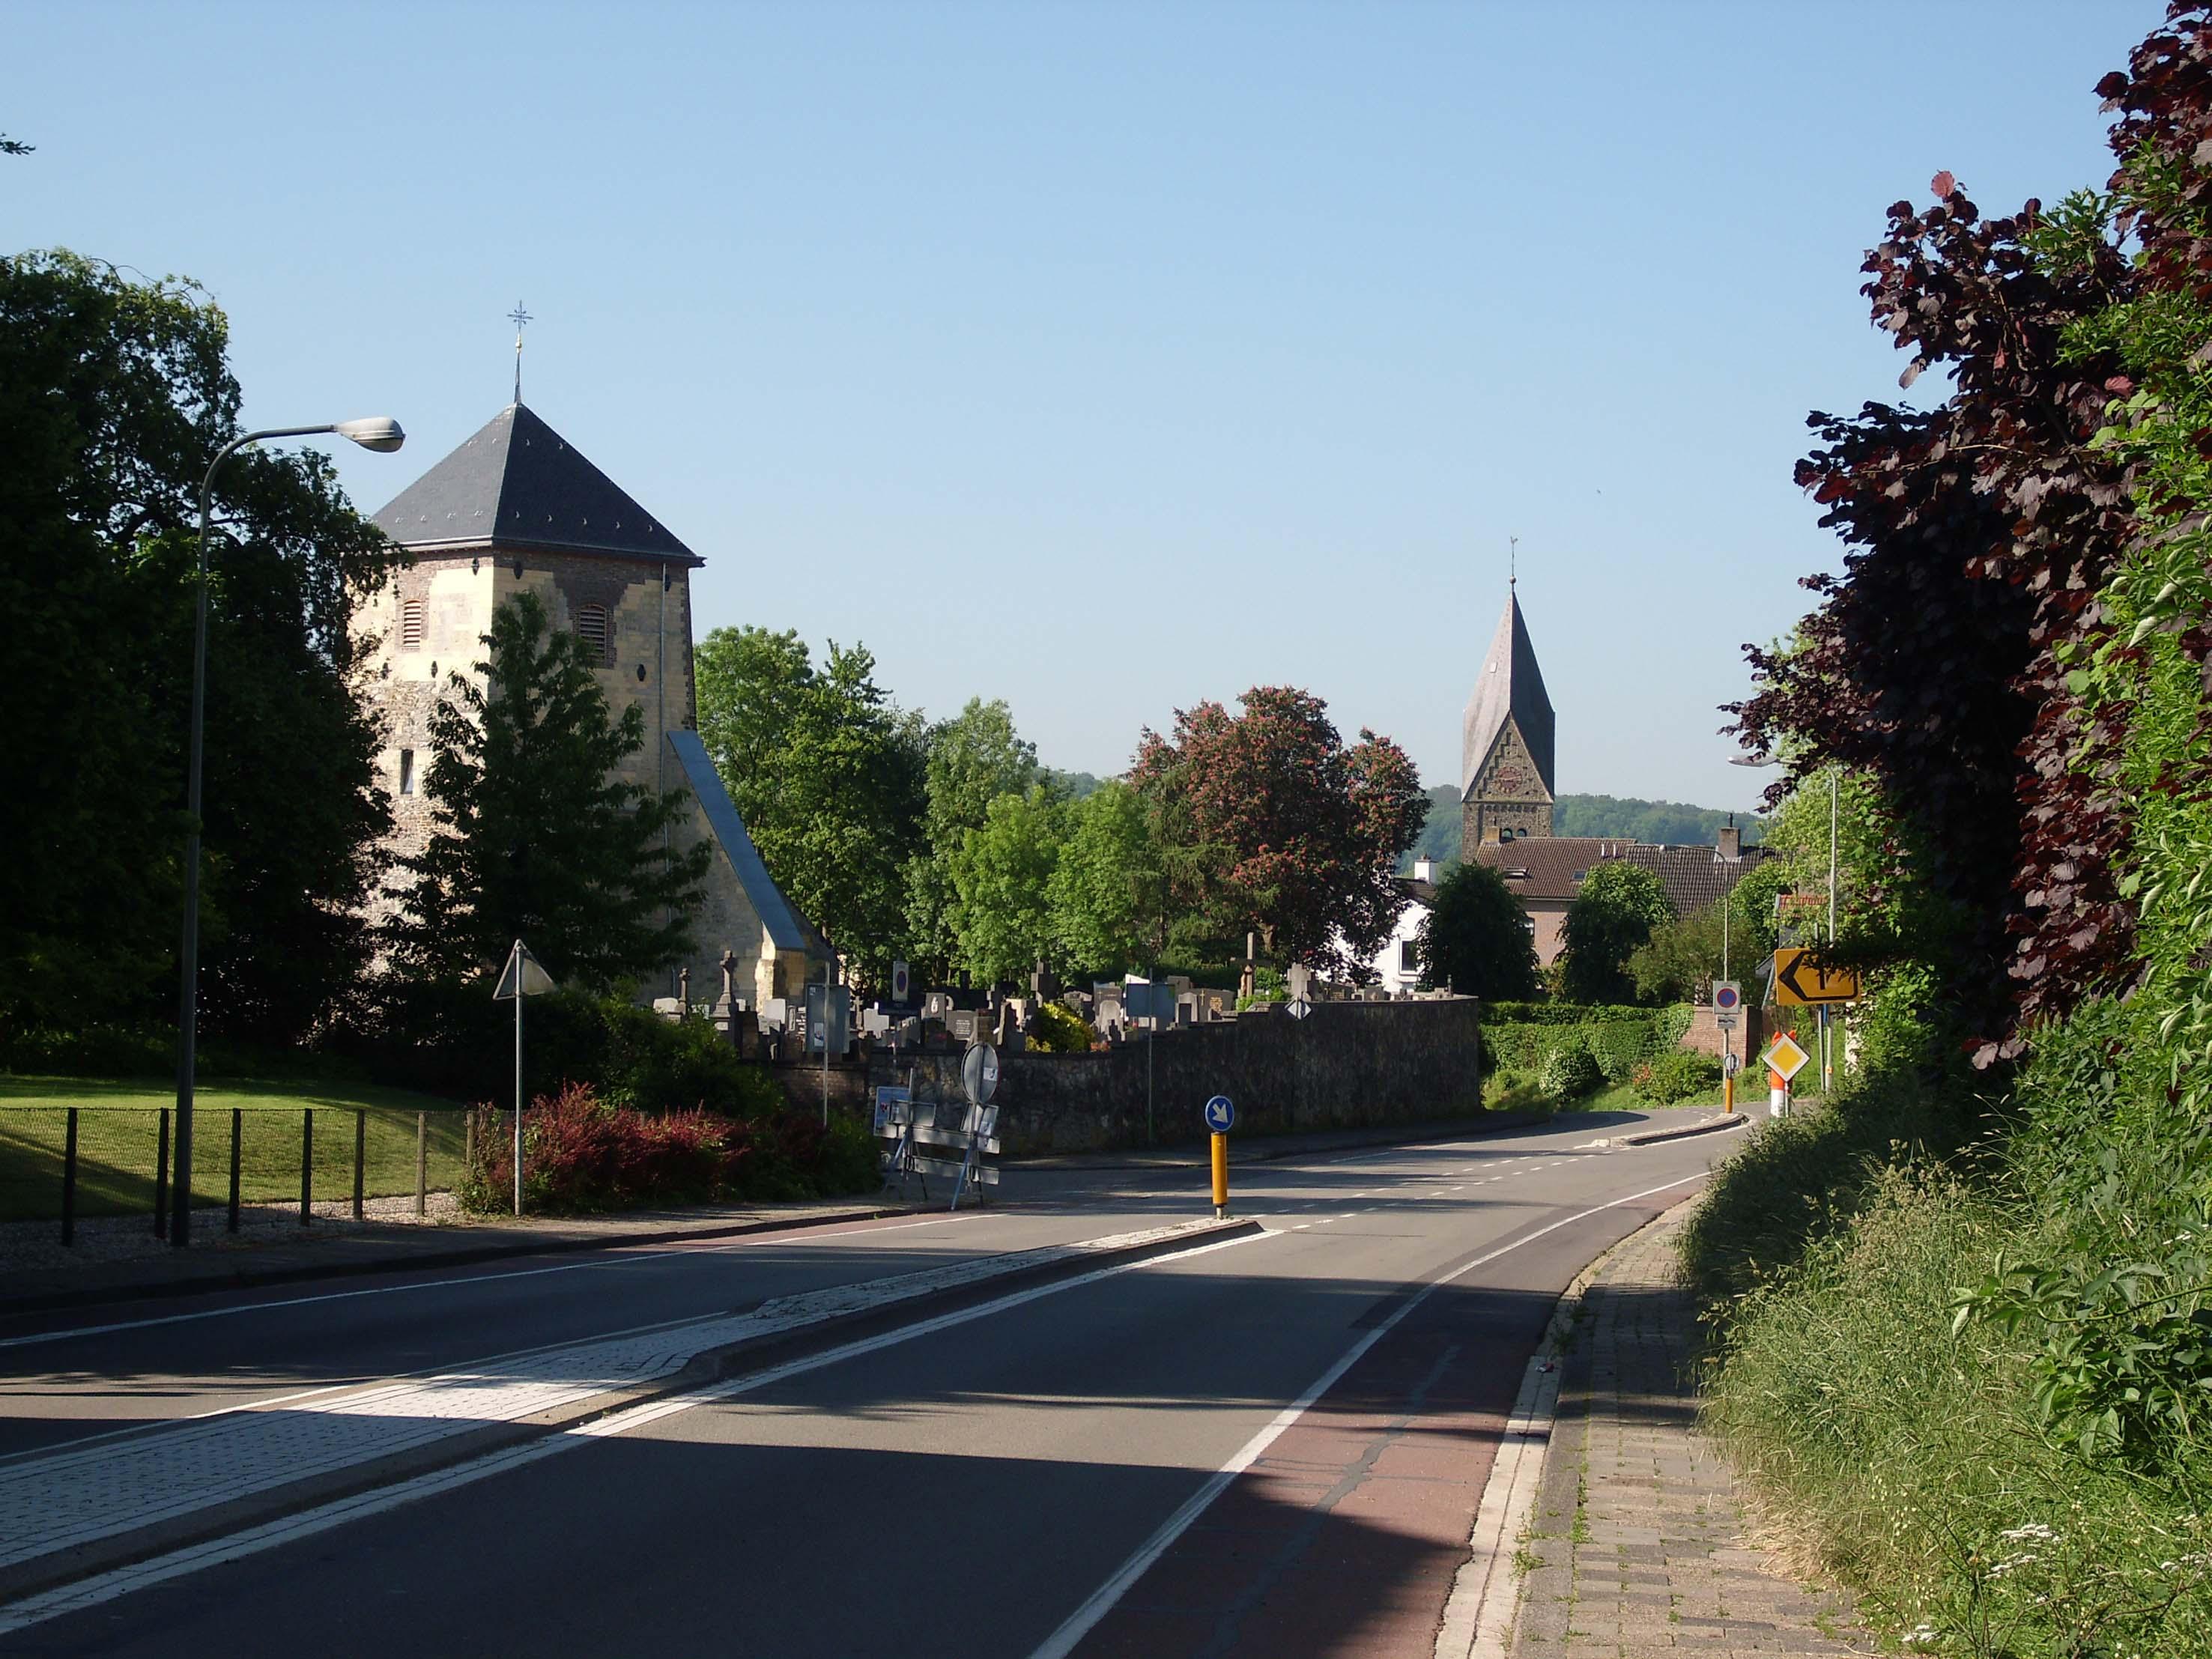 Gulpen Netherlands  city images : Description Oude kerktoren en kerk Gulpen Nederland